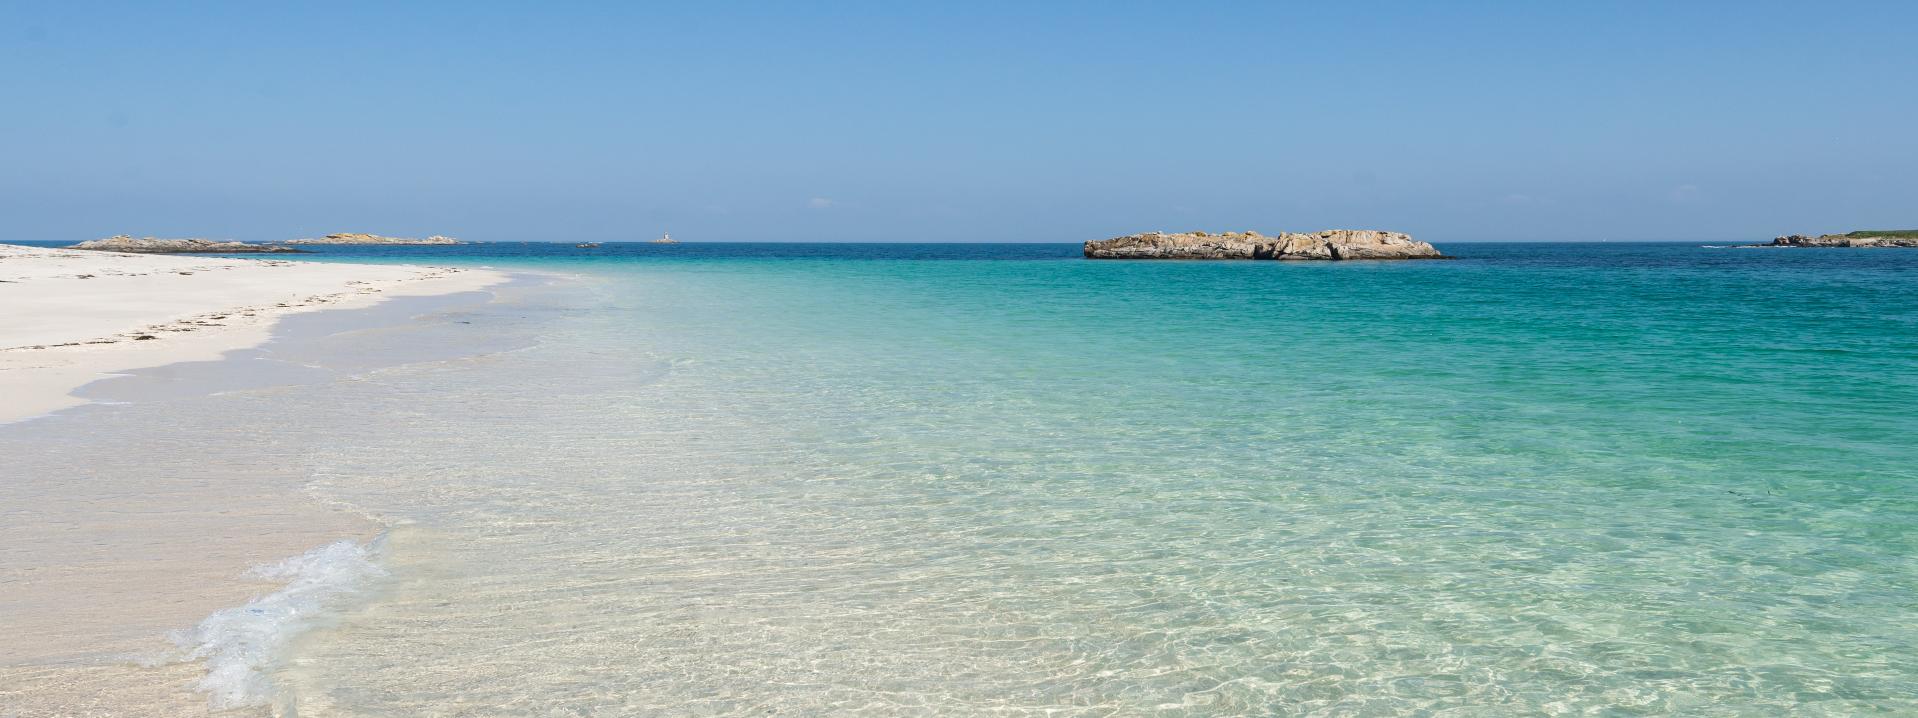 plage ile saint nicolas glenan archipel